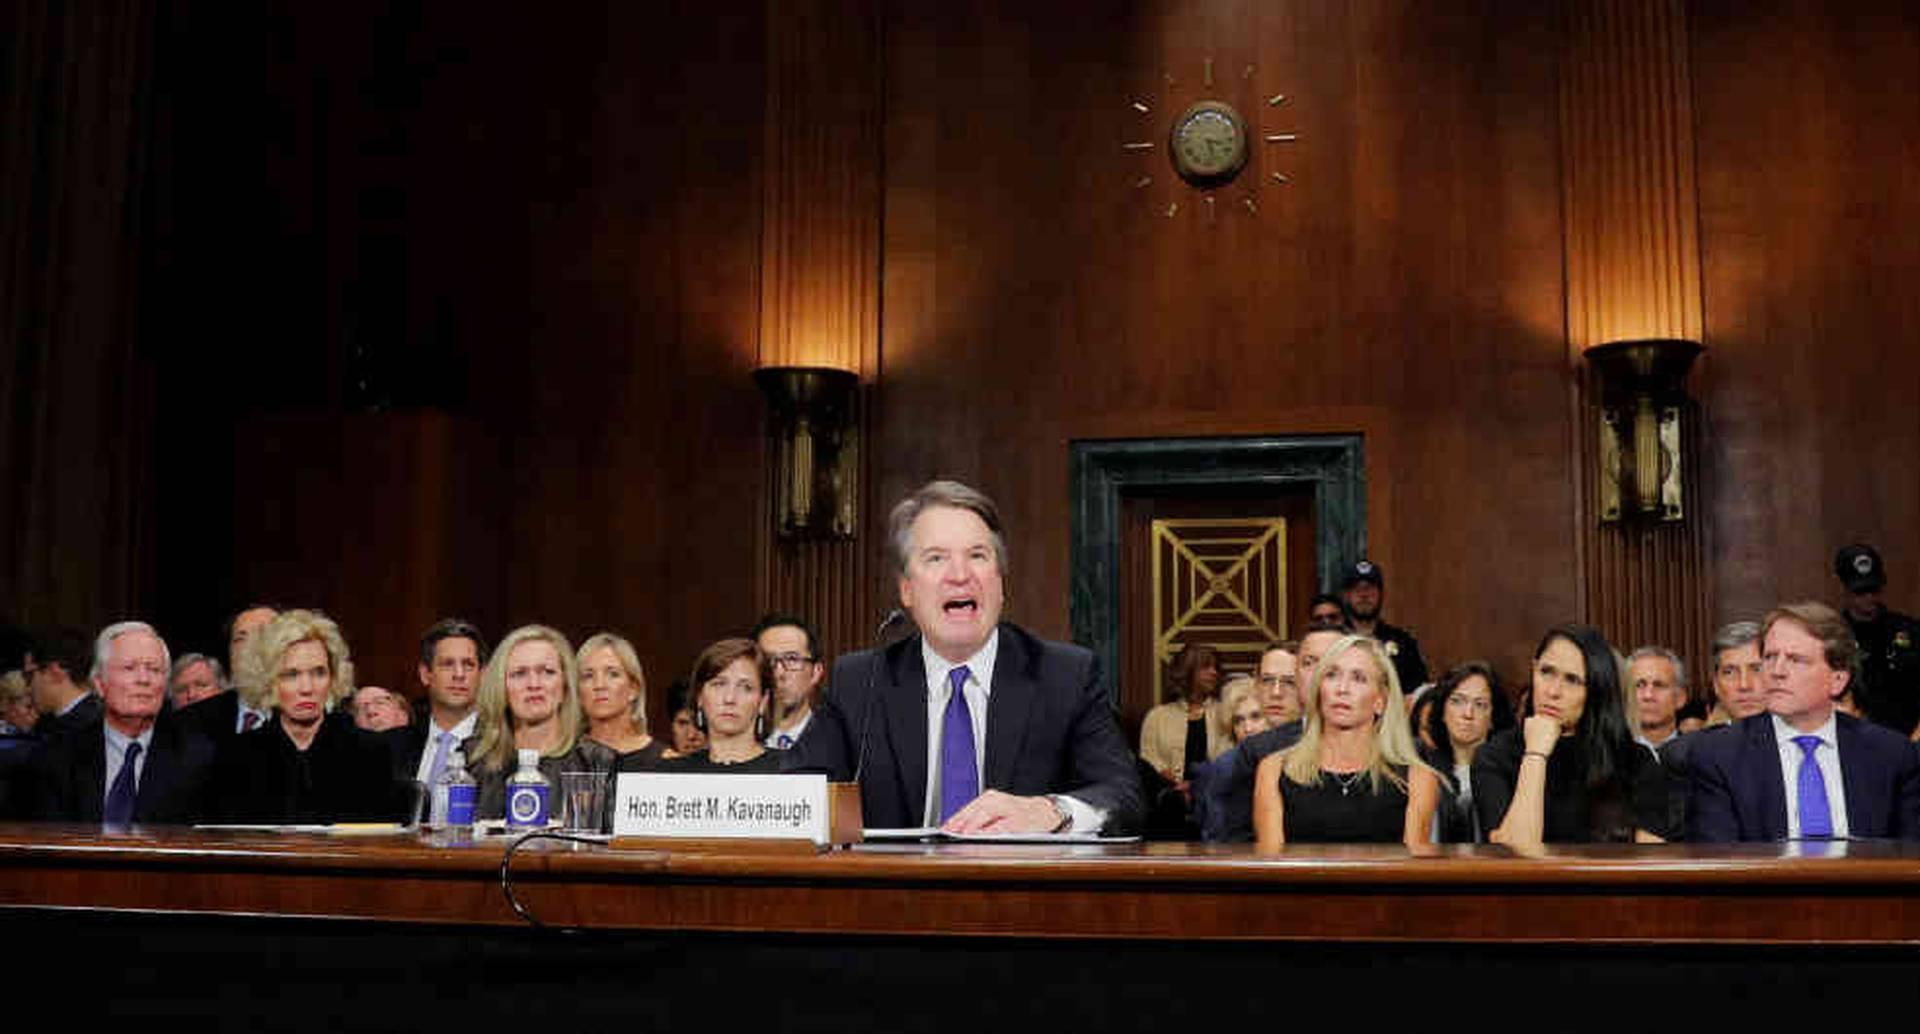 La audiencia en la que Christine Blasey Ford acusó a Kavanaugh fue transmitida en vivo y la vieron 20 millones de estadounidenses.